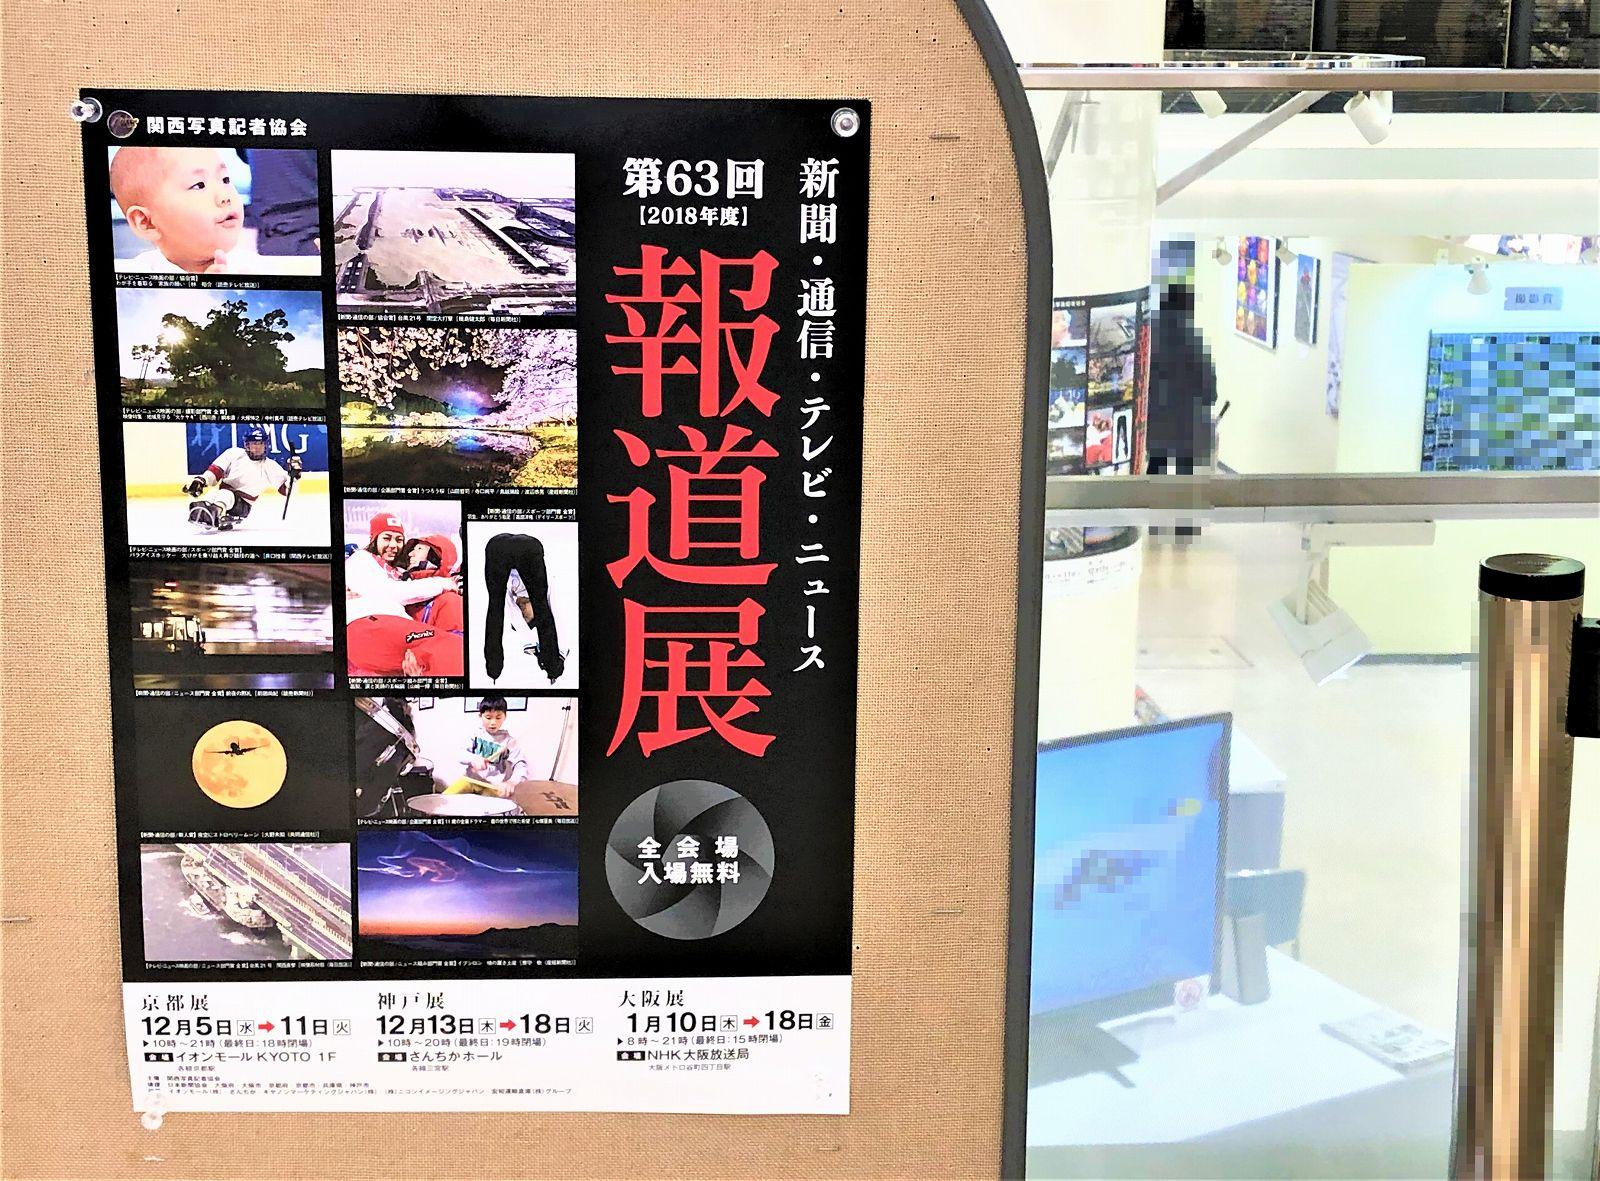 今年1年を写真で振り返る 「報道展」がさんちかホールで開催中!12月18日(火)まで #報道展 #写真記者 #さんちかホール #今年1年の出来事 #神戸三宮